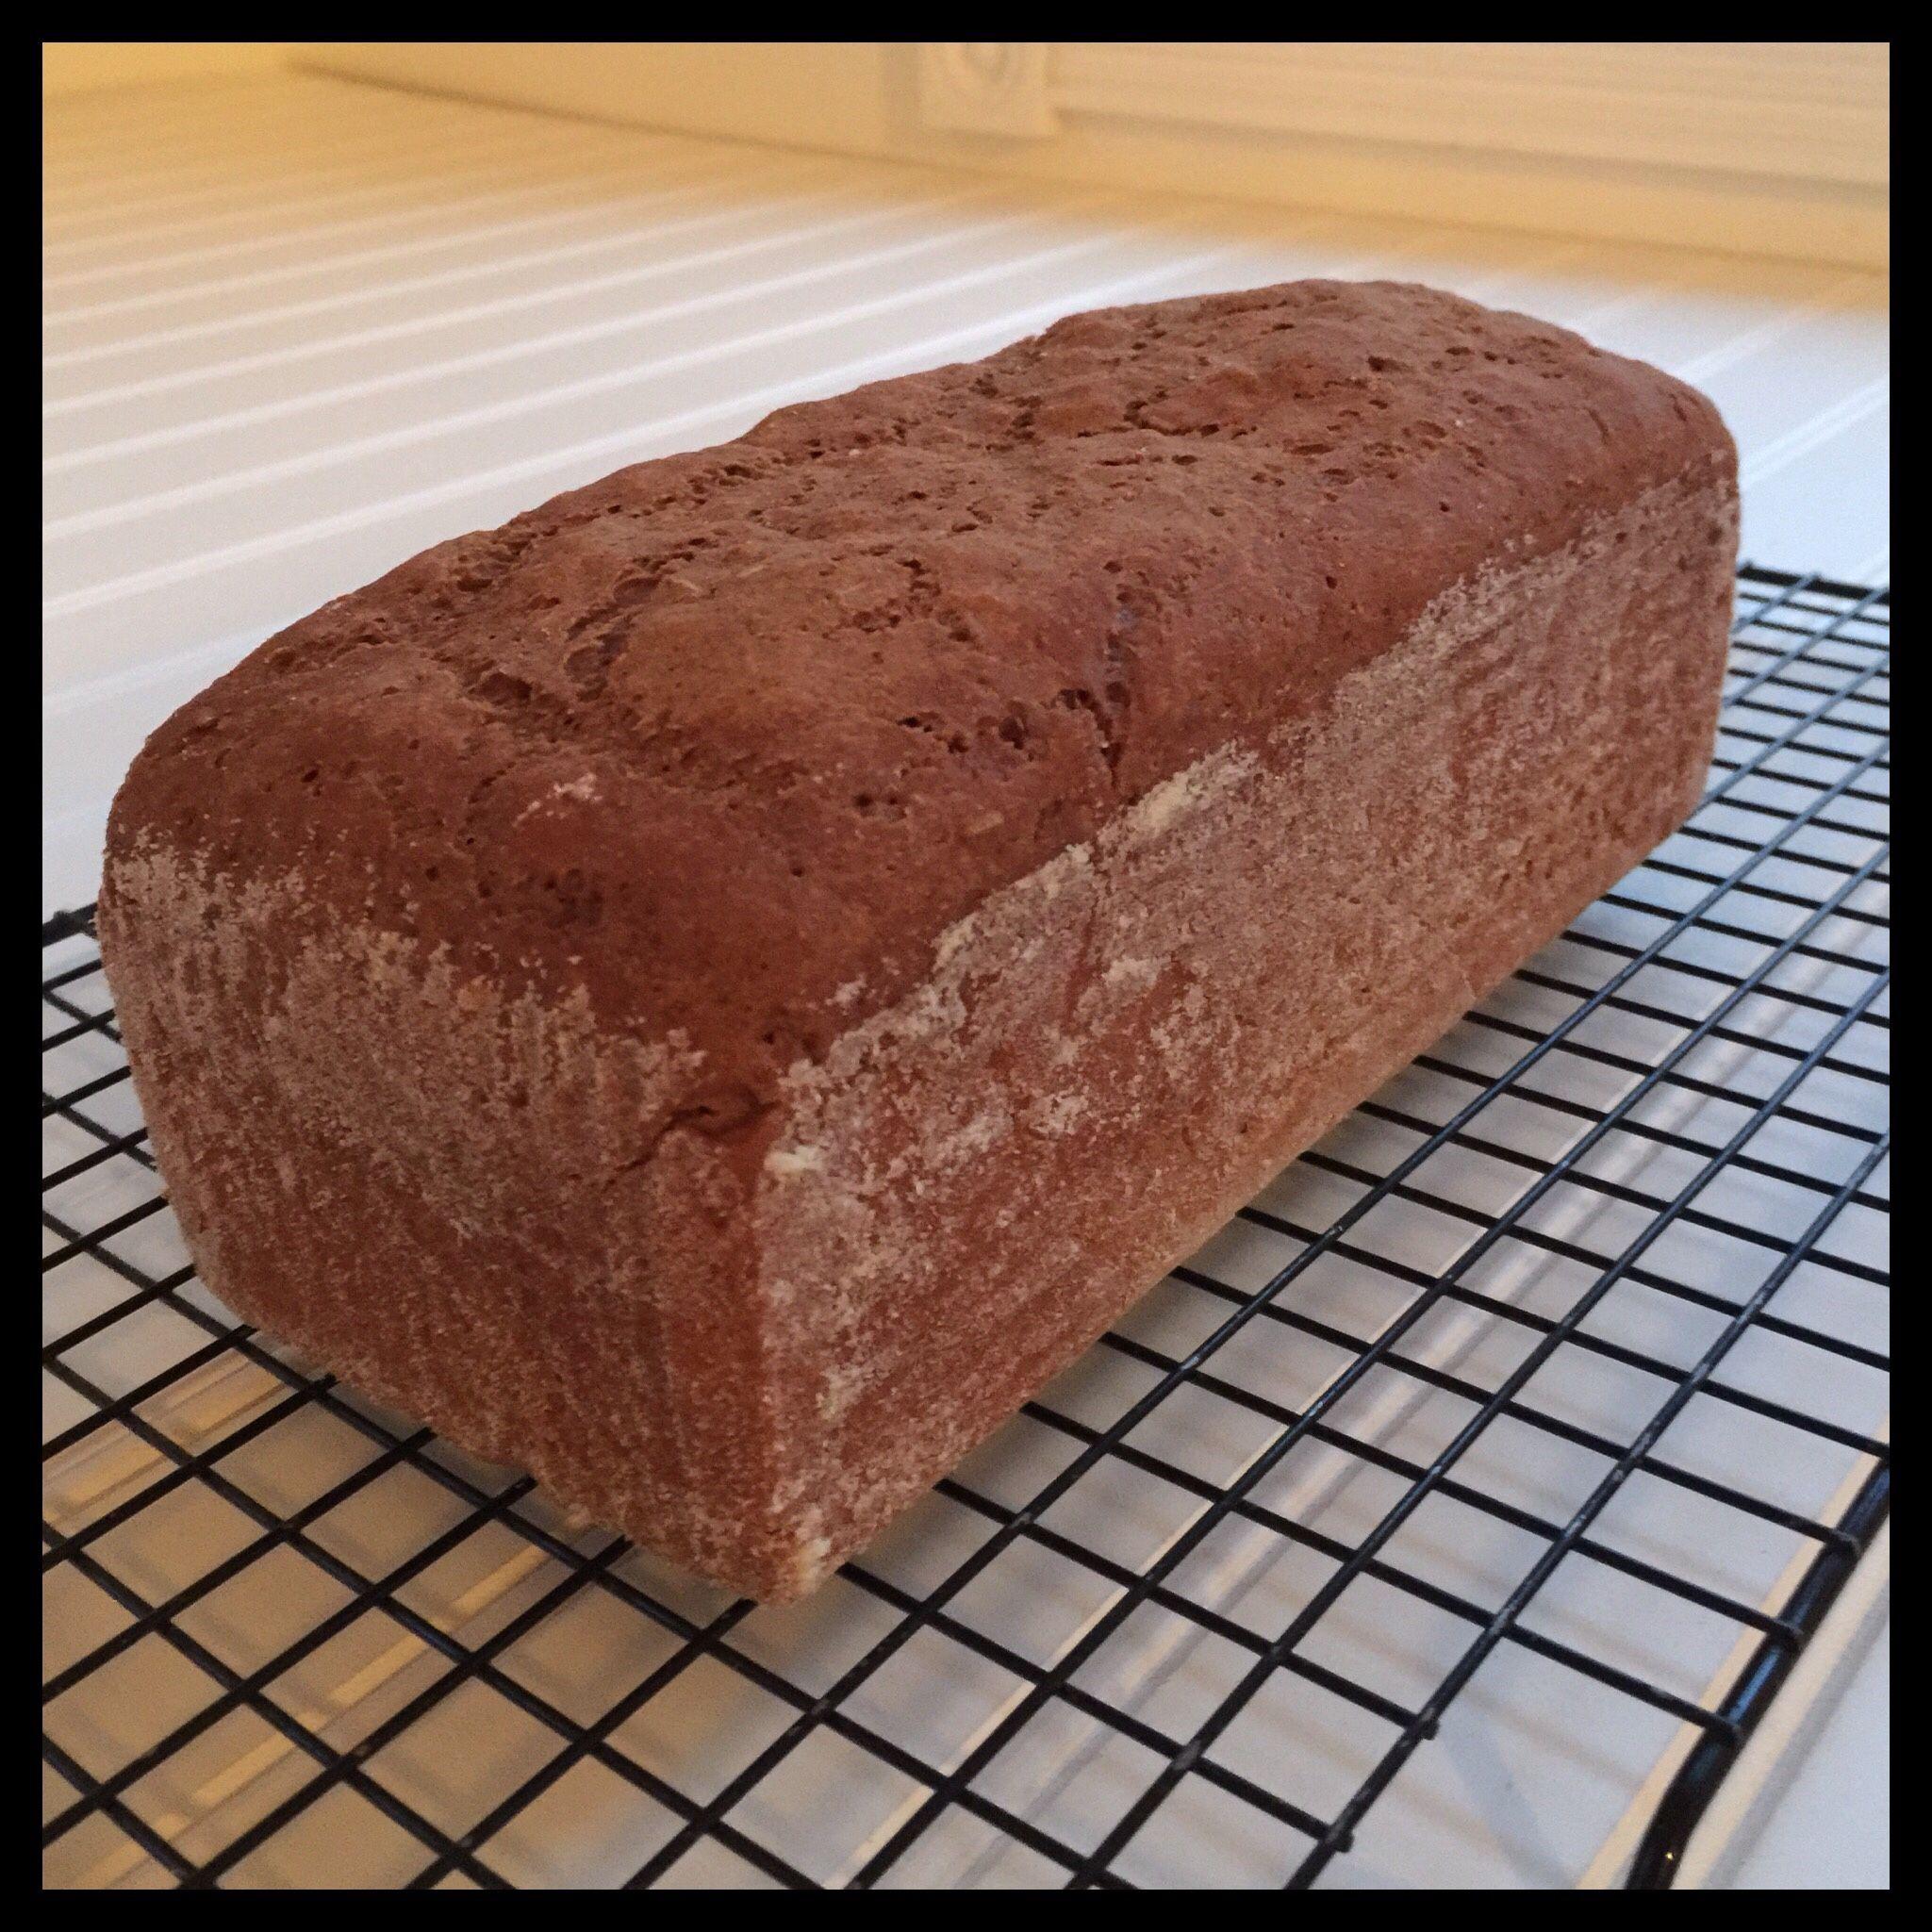 Pumpernickel Bread Vegan Gluten Free Recipe Vegan Gluten Free Bread Gluten Free